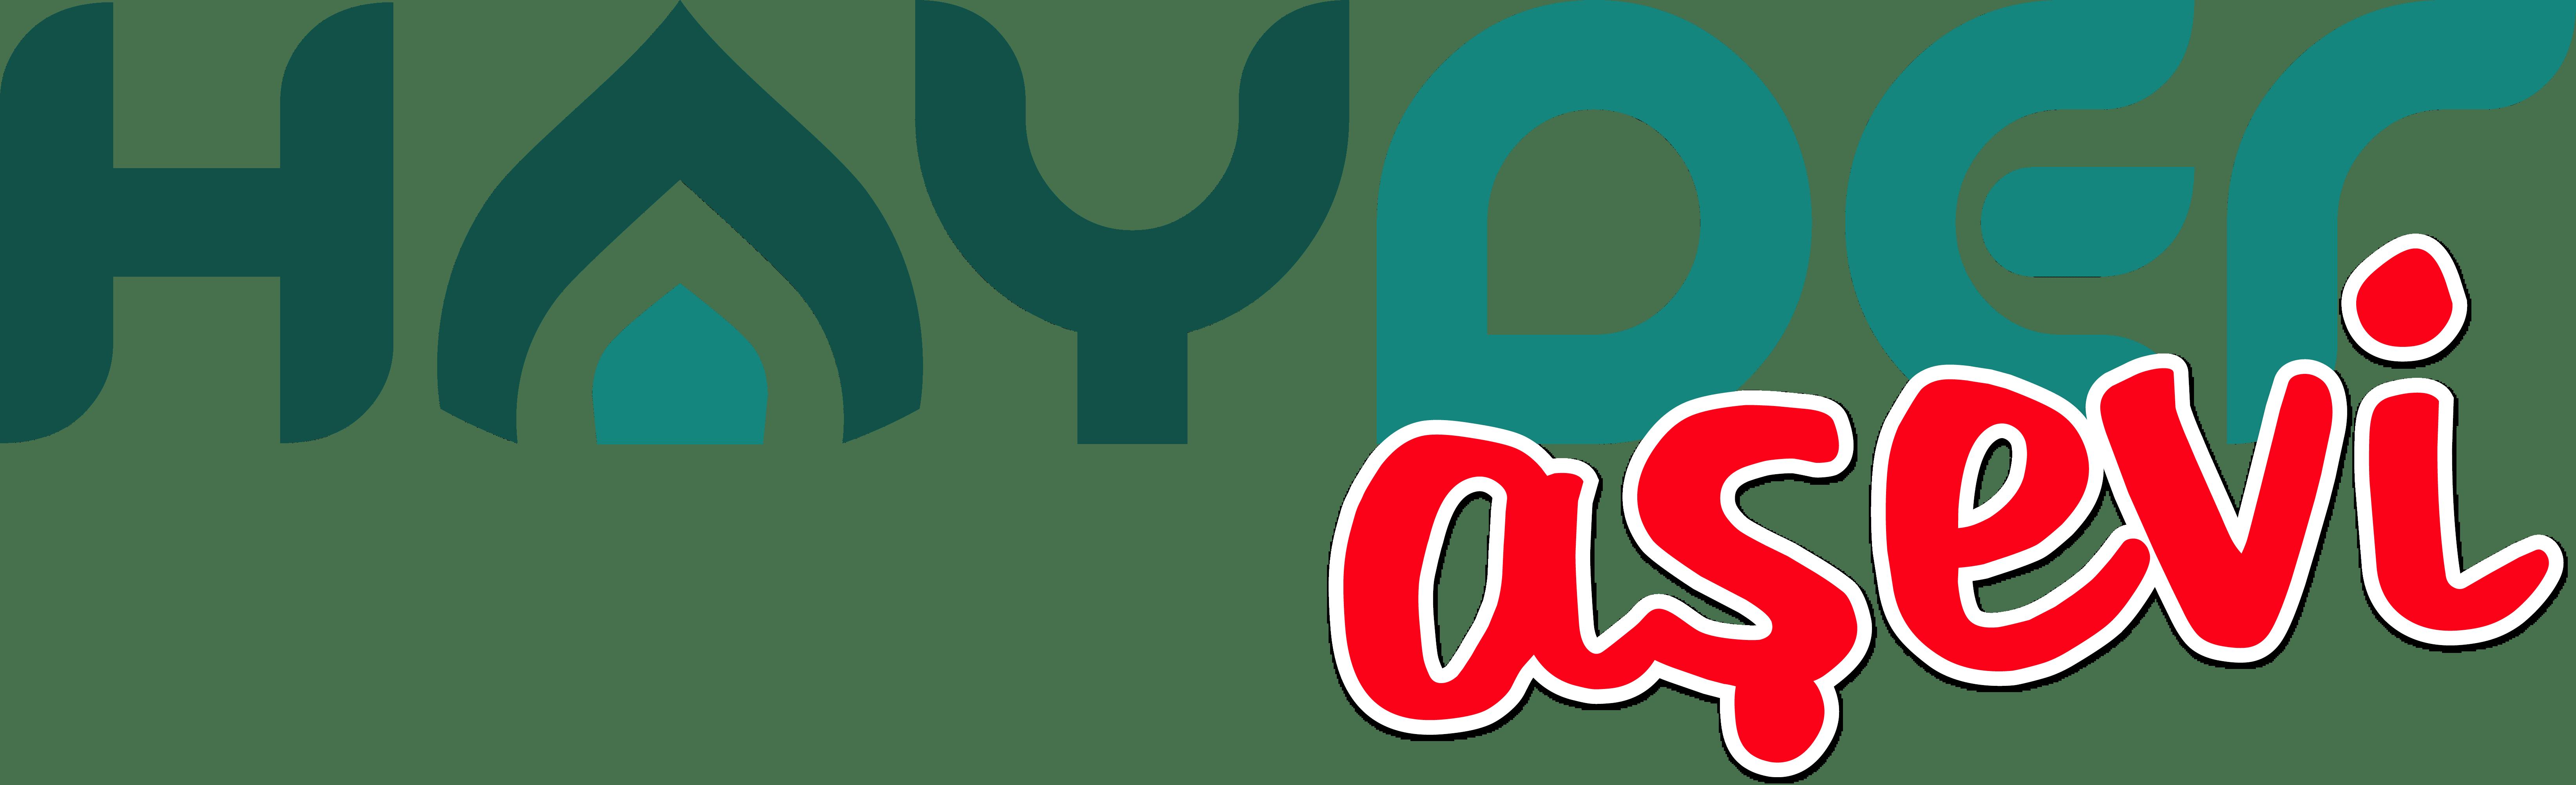 HAYDER Aşevi Logo